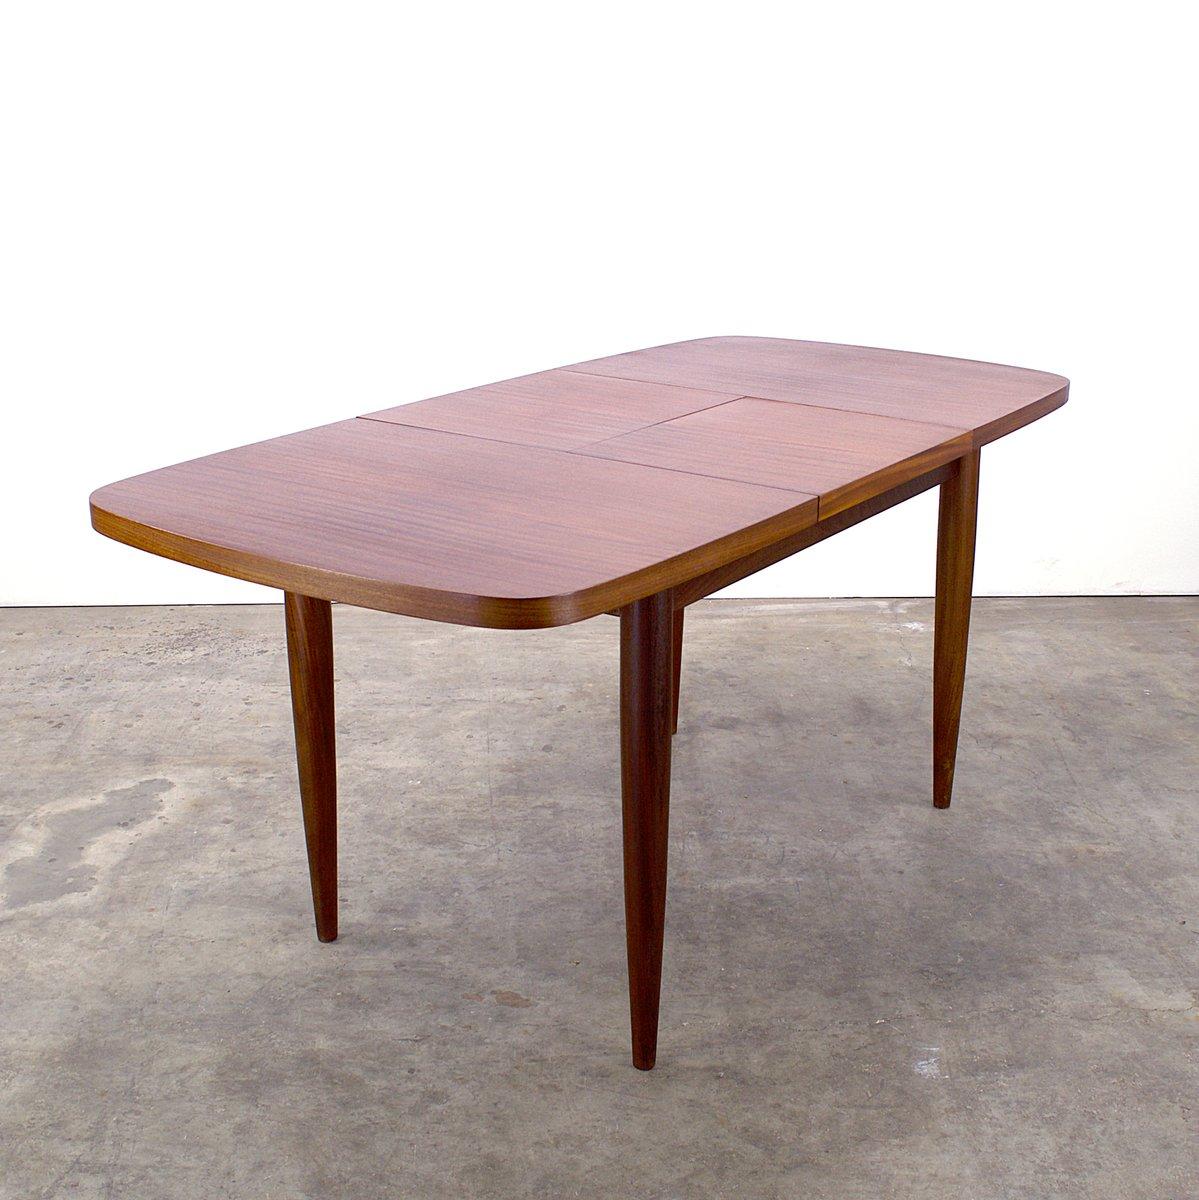 ausziehbarer teakholz esstisch von farstrup 1960er bei pamono kaufen. Black Bedroom Furniture Sets. Home Design Ideas